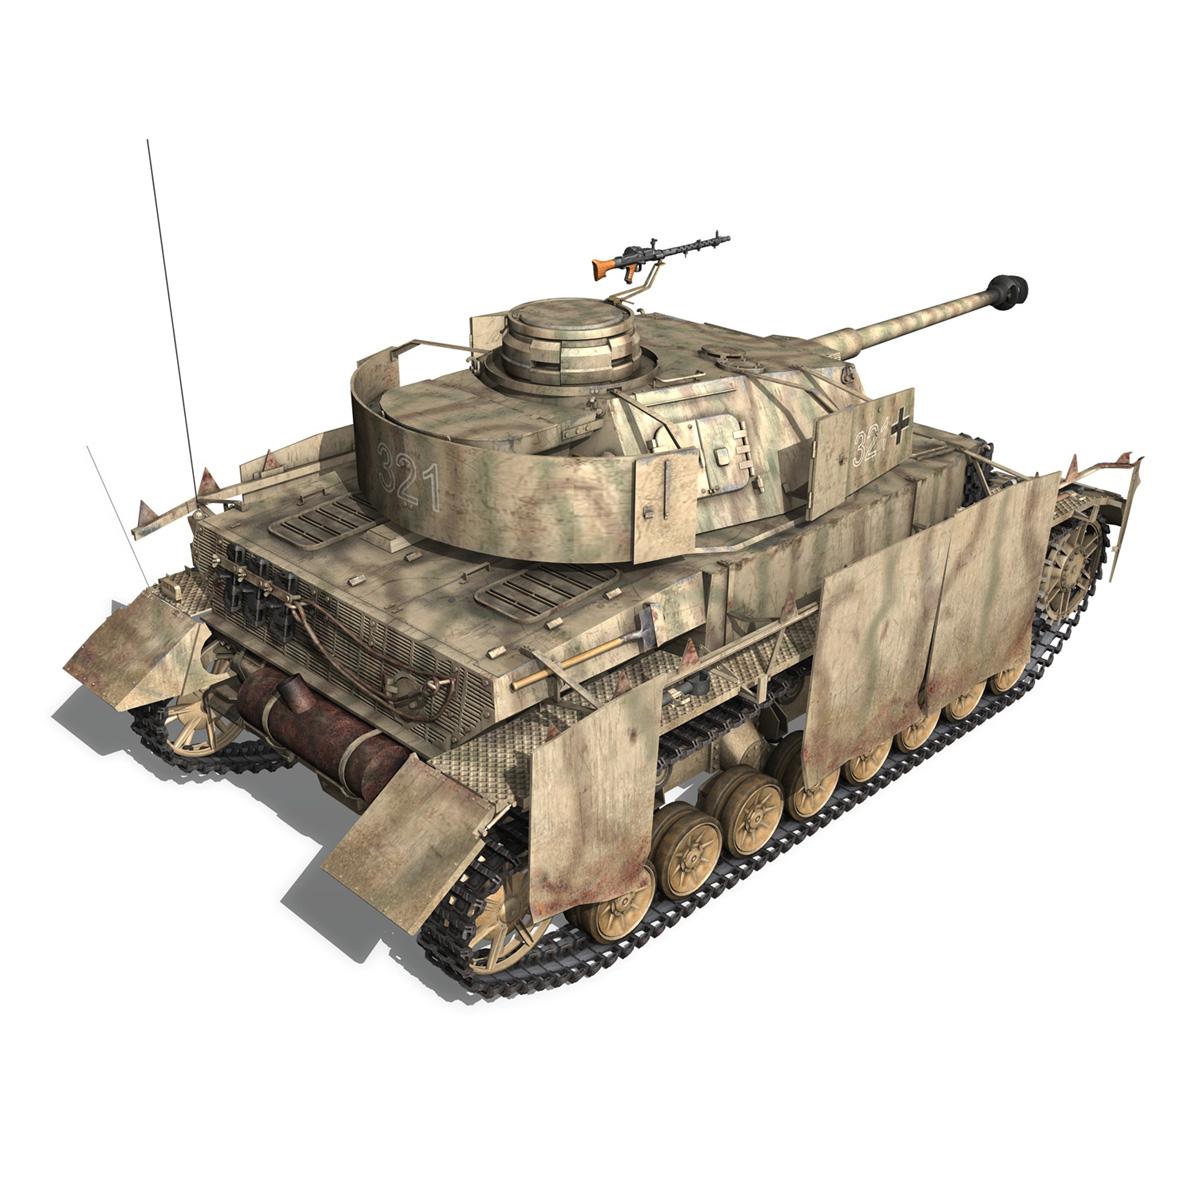 sd.kfz 161 pzkpfw iv panzer 4 ausf.h late 3d model 3ds fbx c4d lwo obj 190343